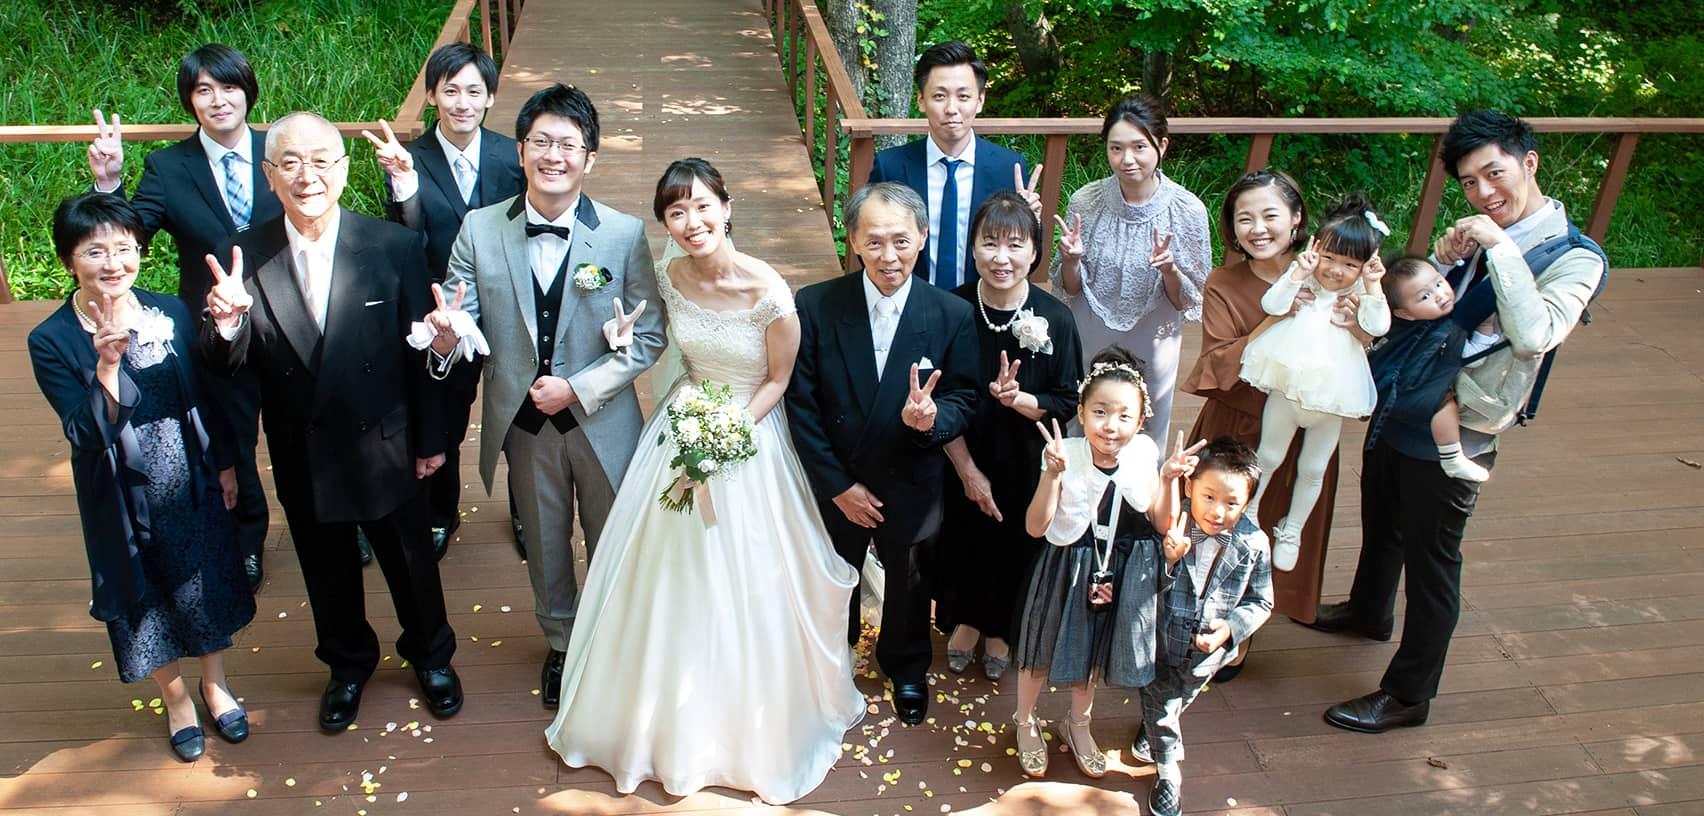 軽井沢の家族婚14